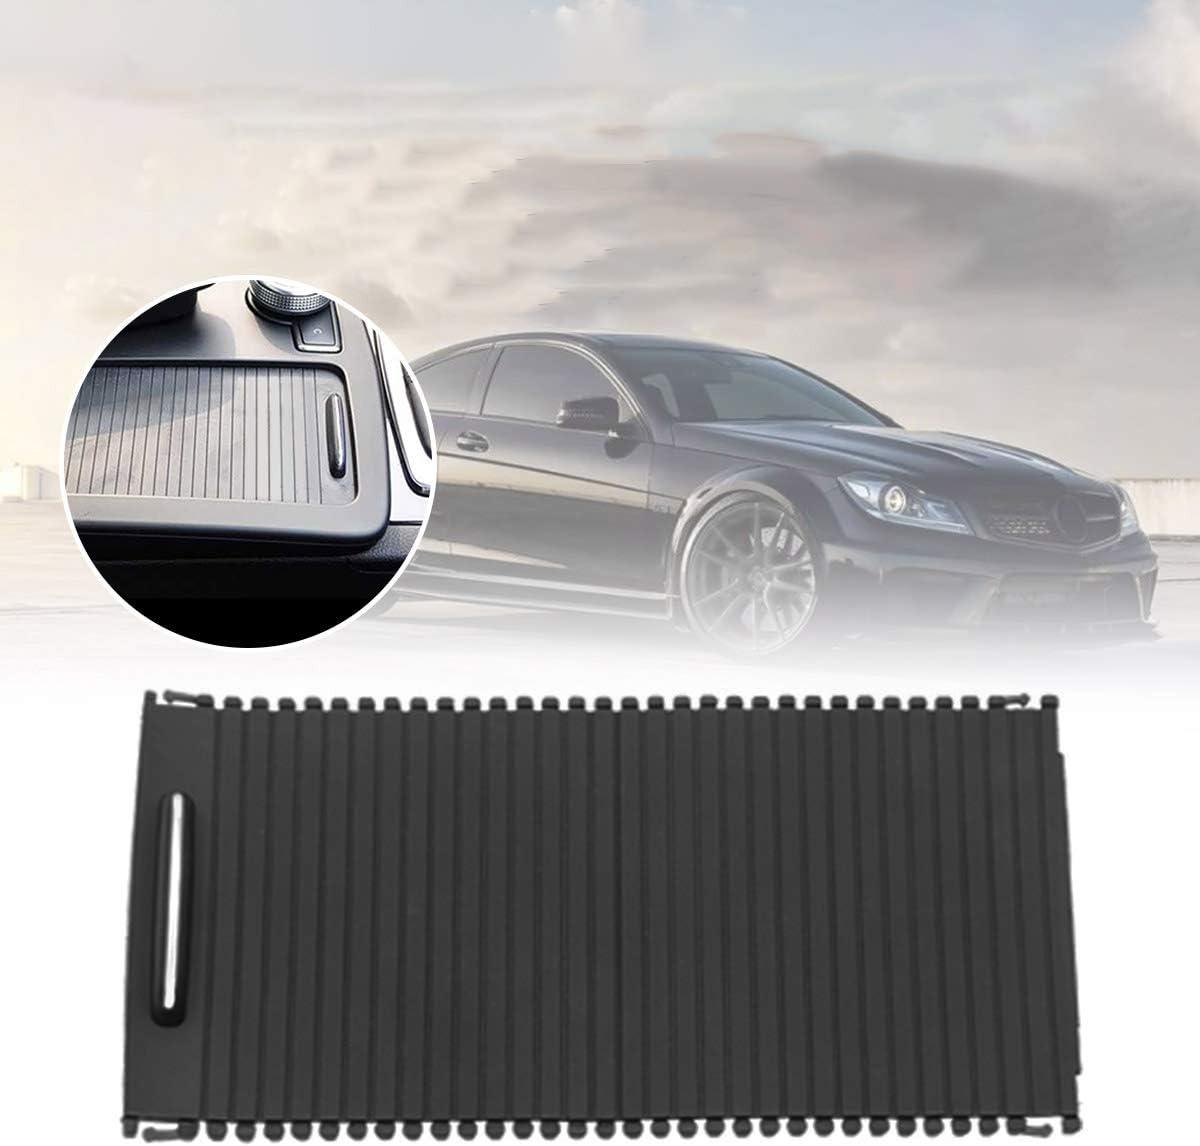 Tuneway Estor enrollable para consola central interior de coche para Mercedes C-Calss W204 S204 Clase E W212 S212 A20468076079051